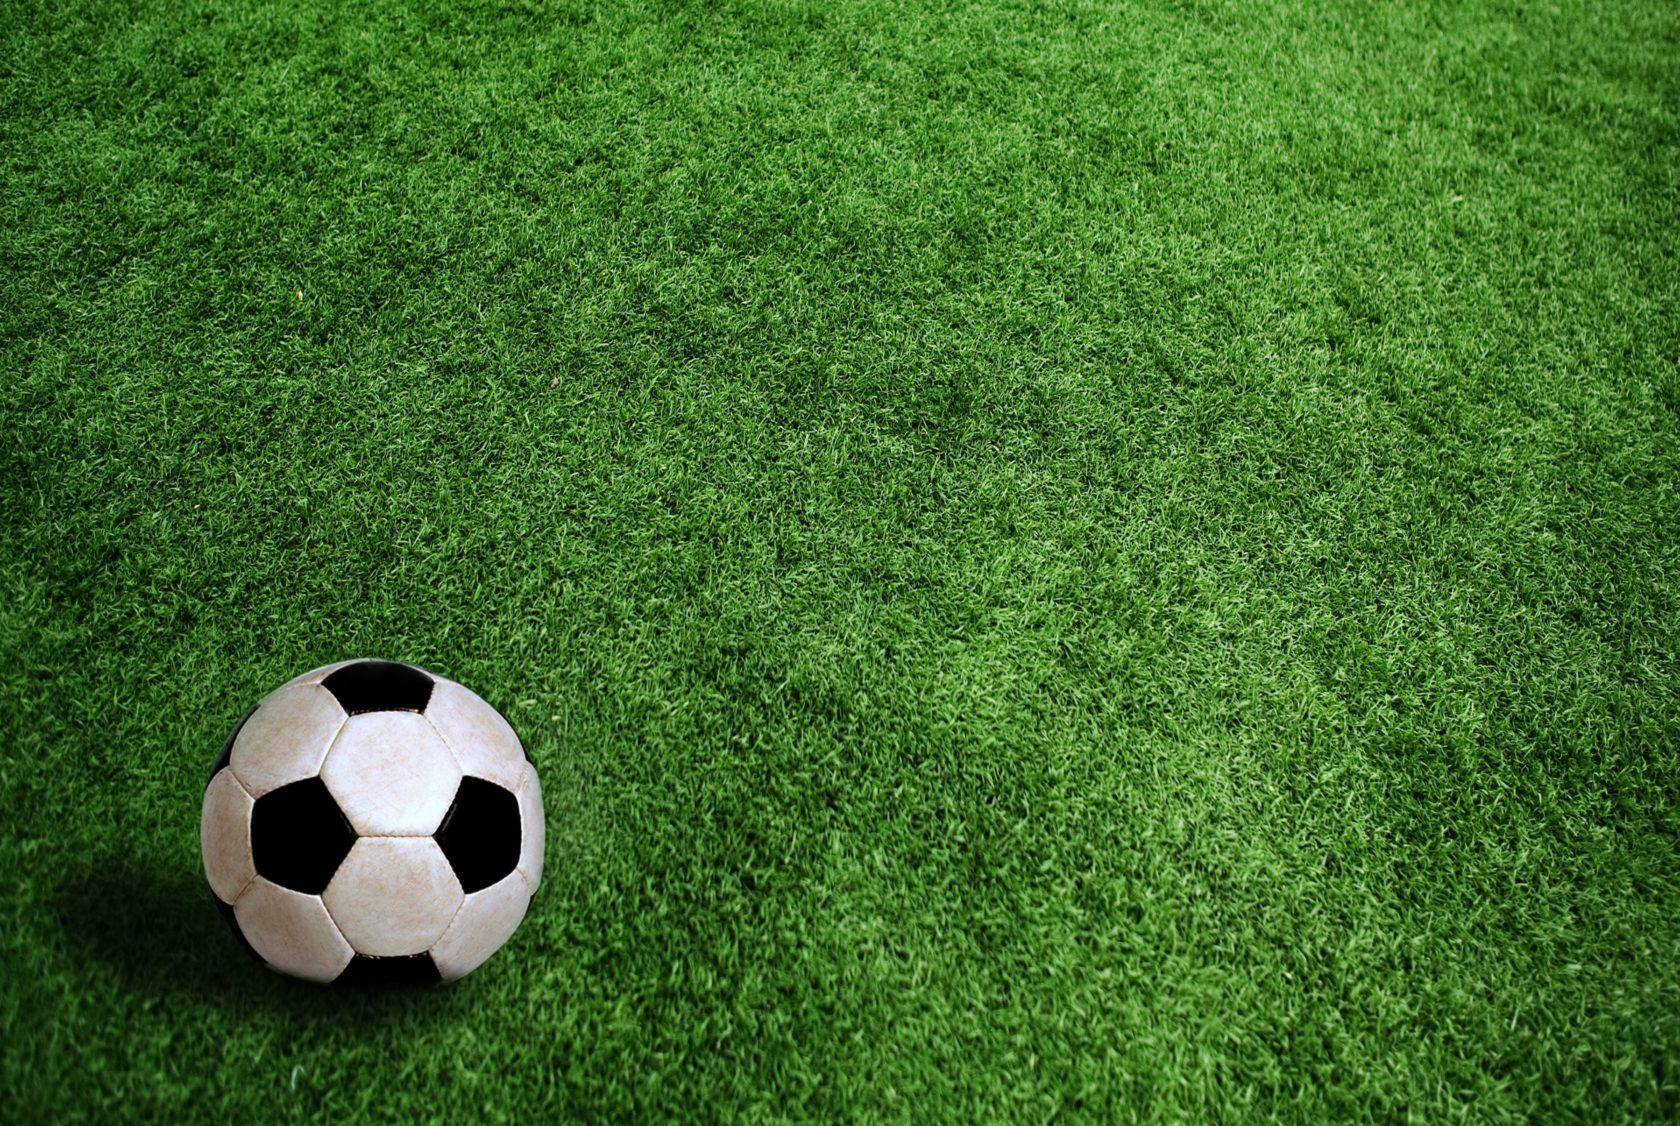 Campeonato Municipal de Futebol retorna neste domingo (7) em Itararé (SP)